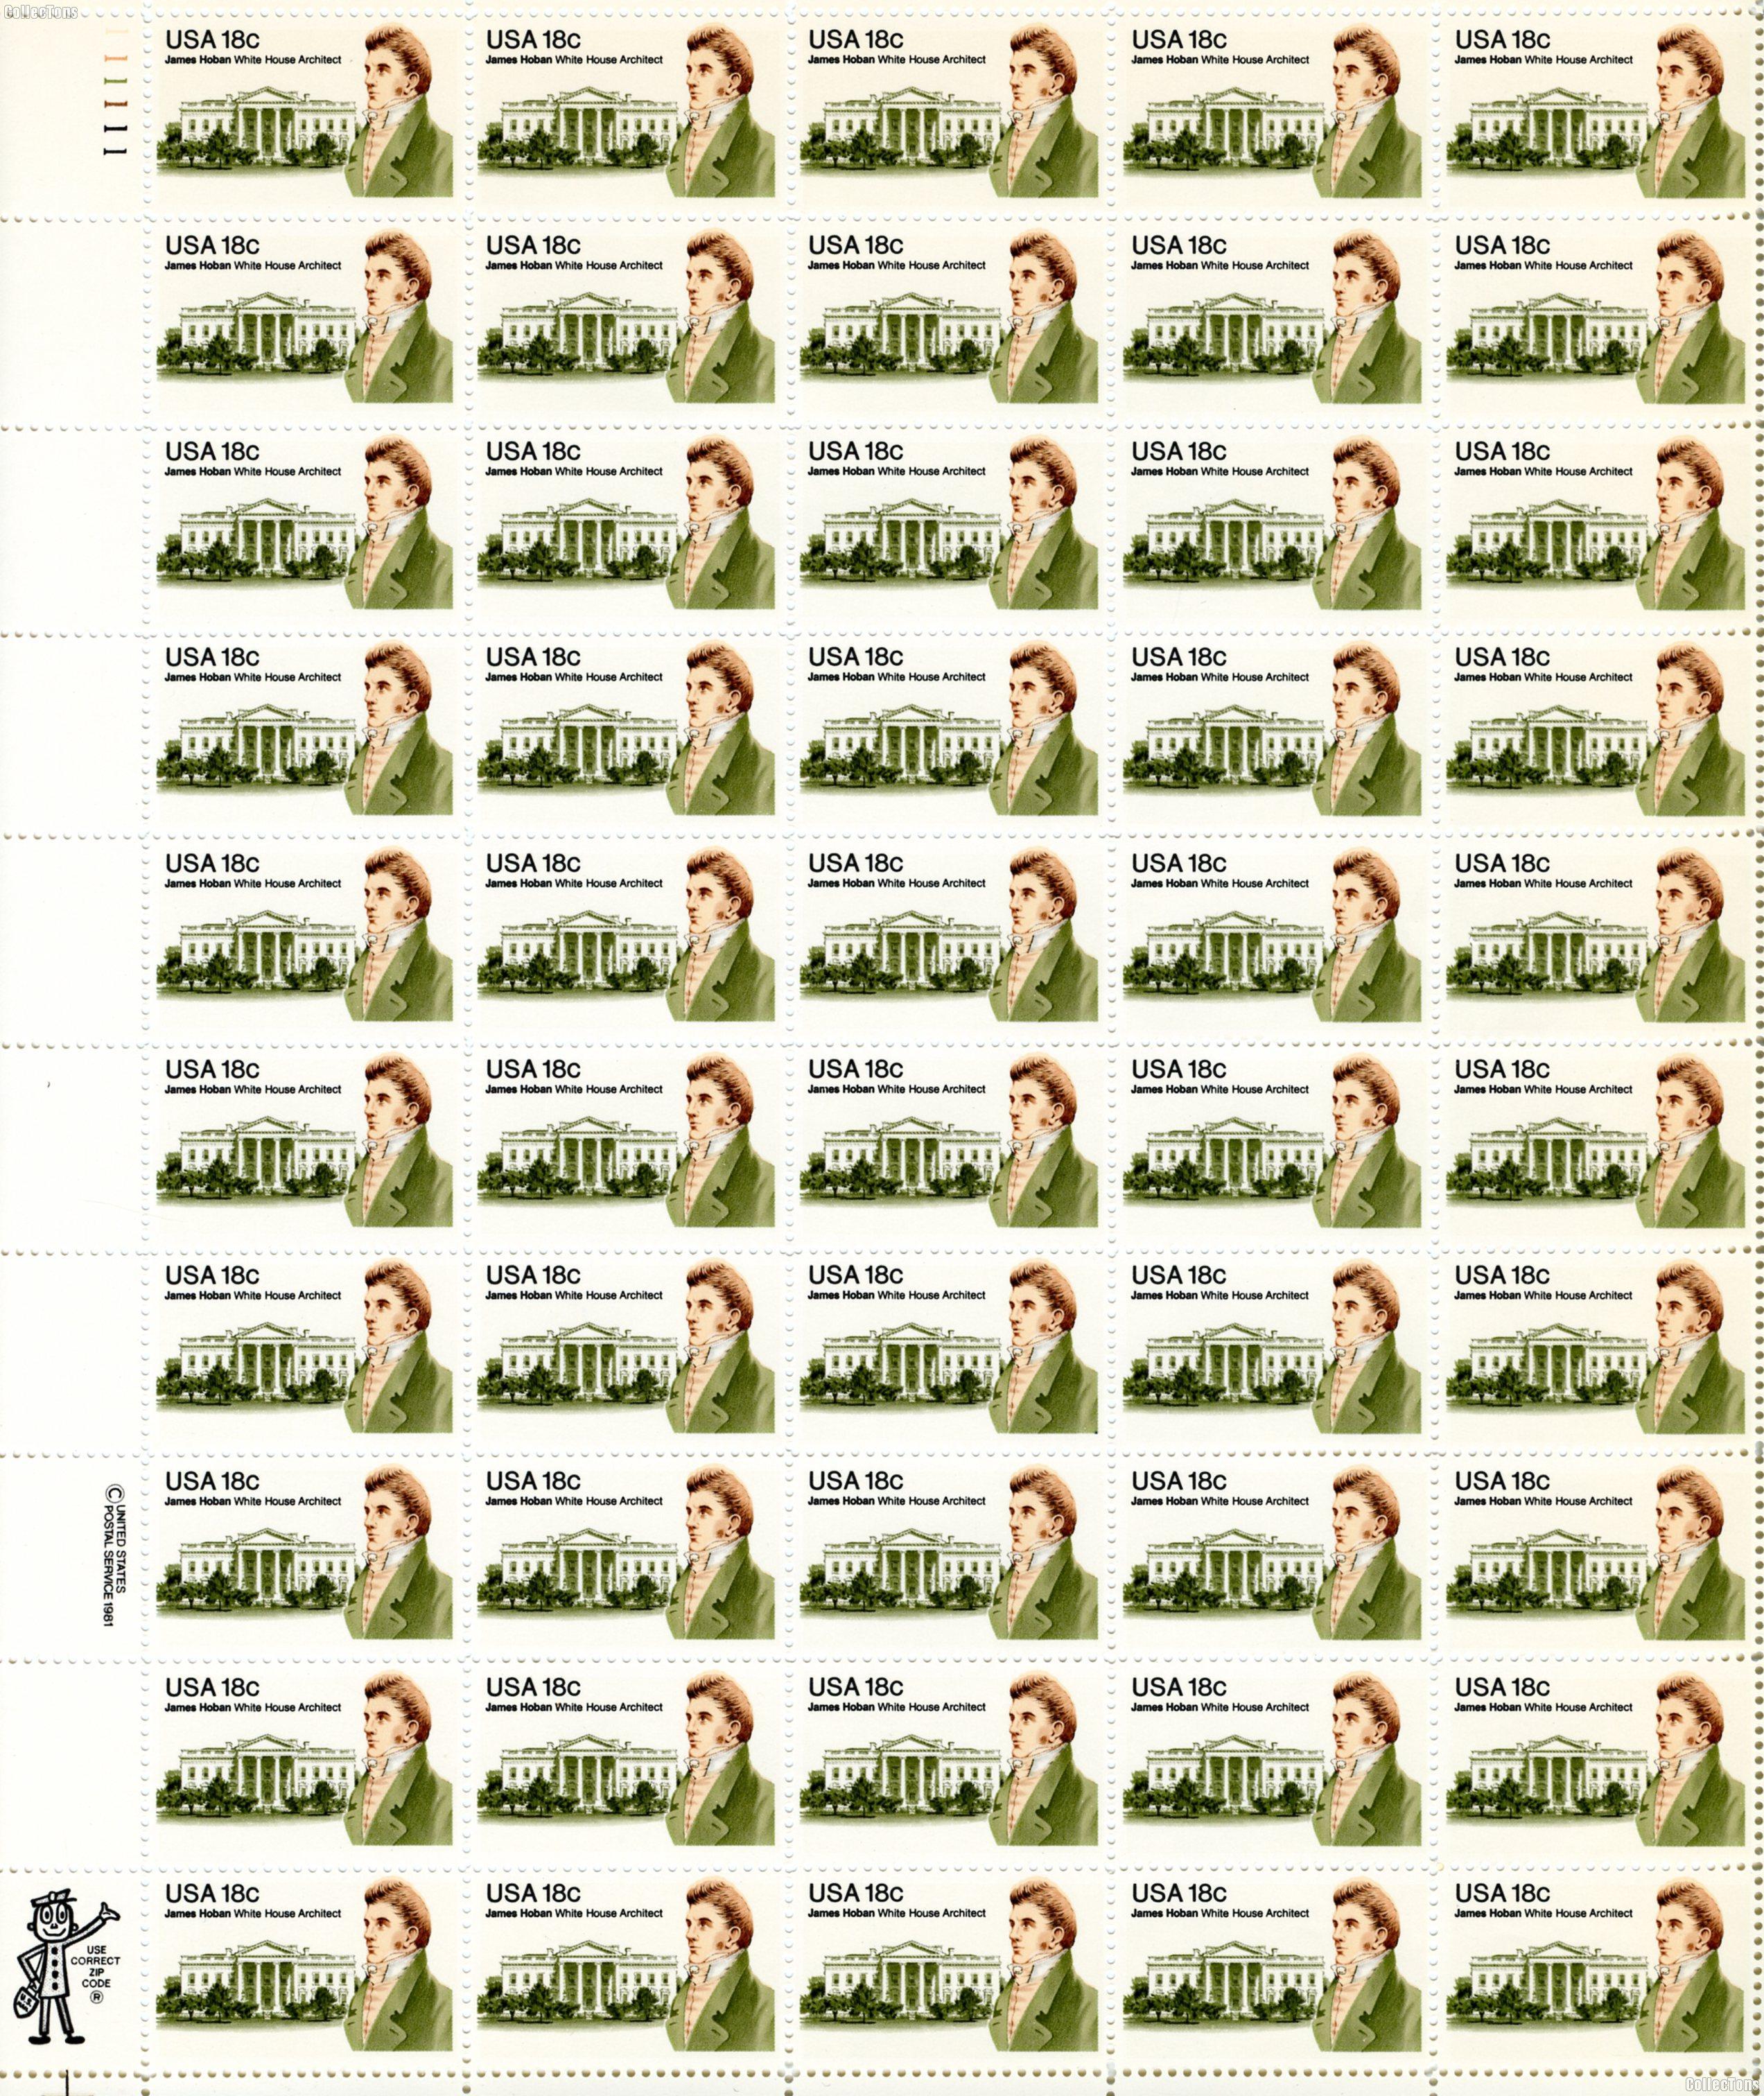 1981 James Hoban 18 Cent US Postage Stamp MNH Sheet of 50 Scott #1935